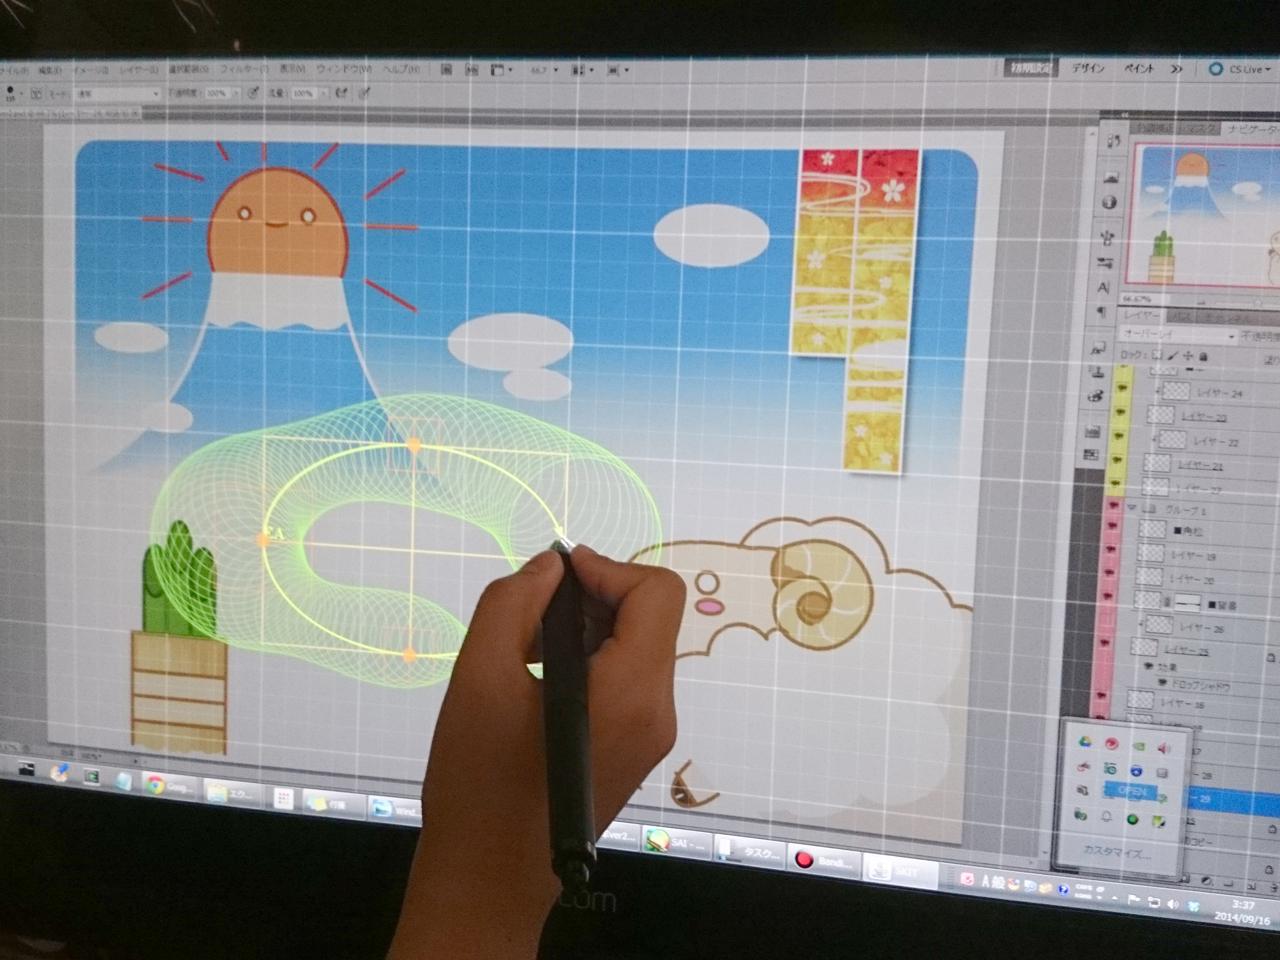 SKIT_Photoshop_screenshot_01.jpg